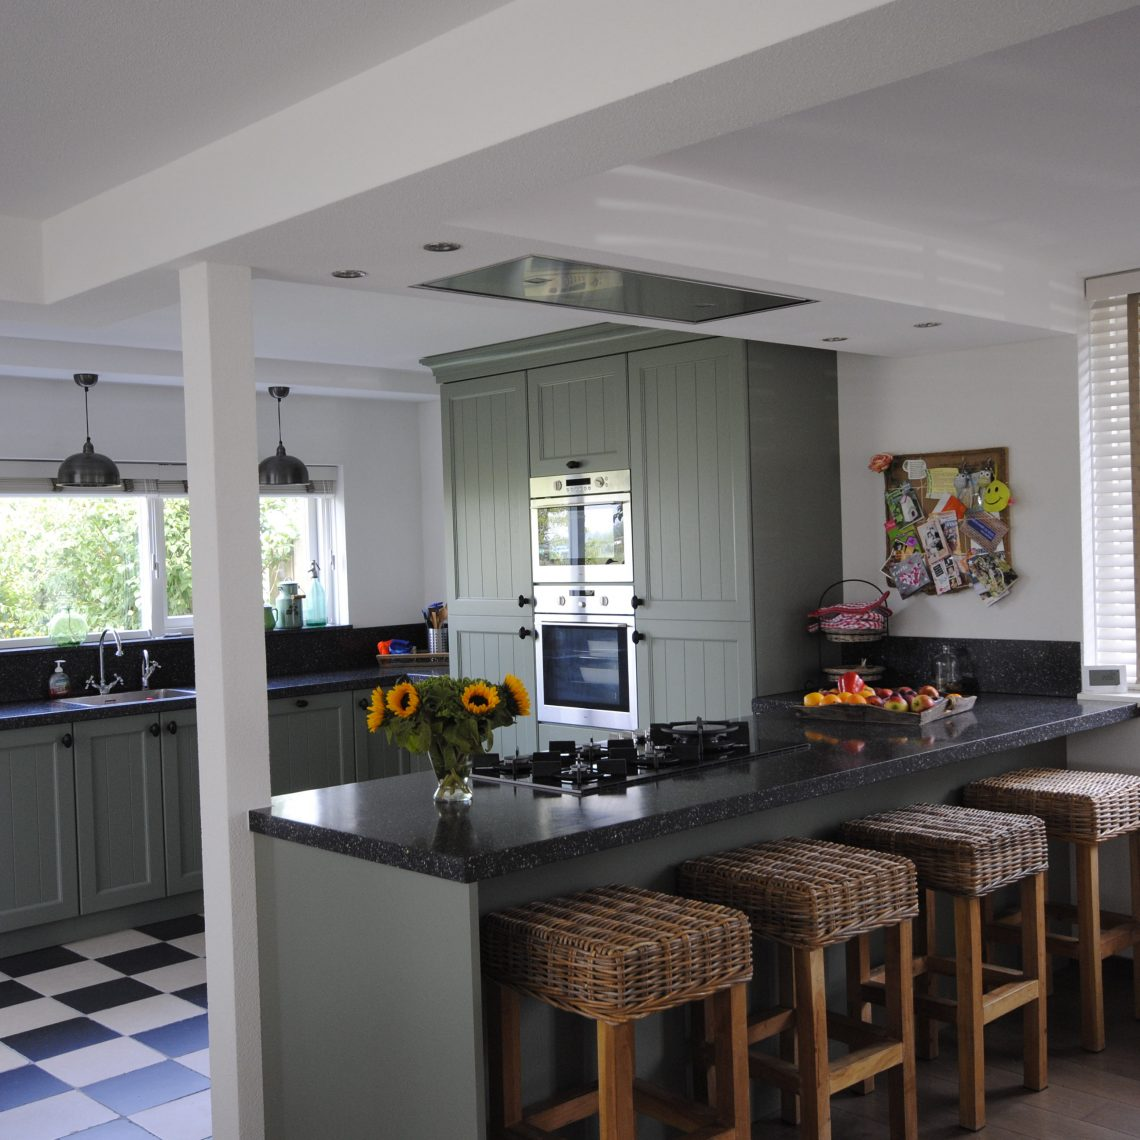 landelijke keuken in alblasserdam keukenhof sliedrecht